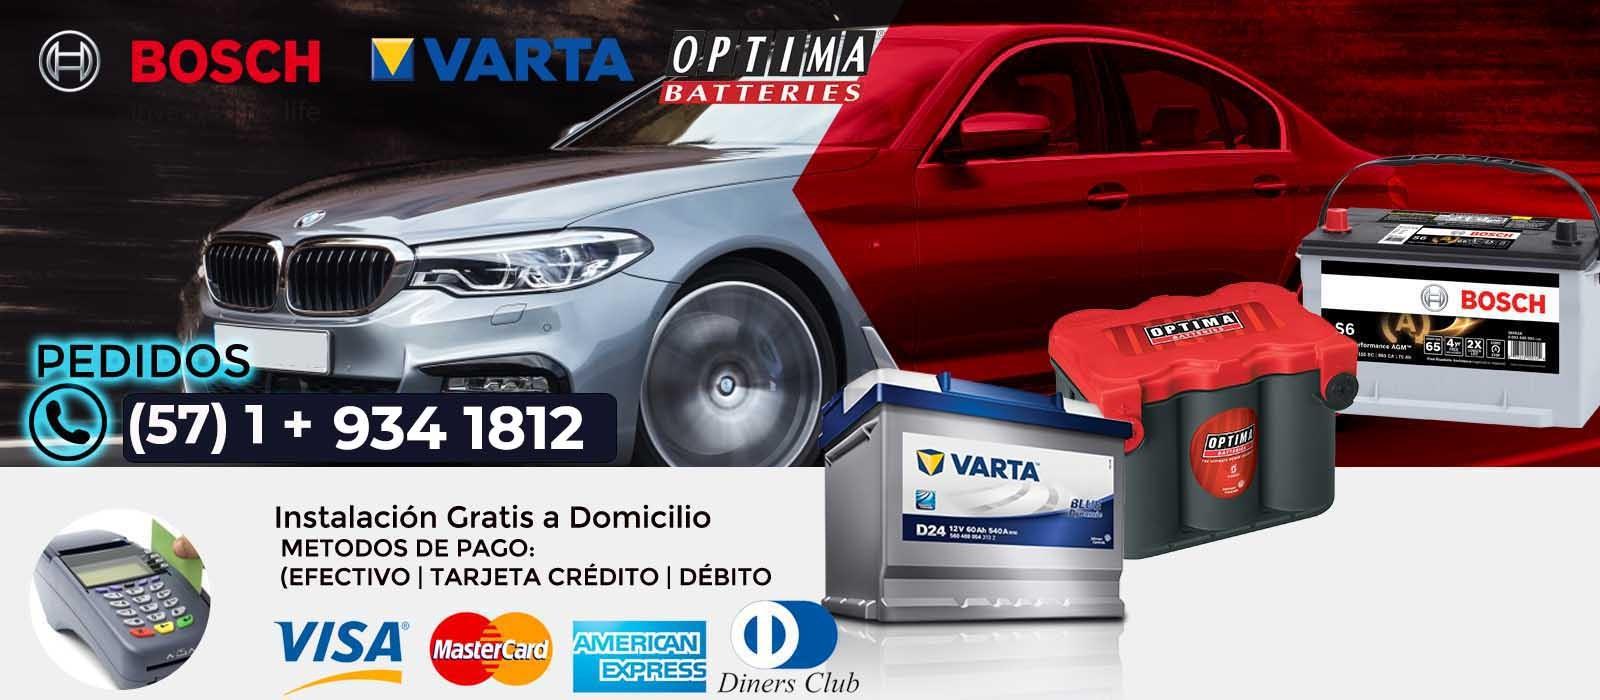 BATERIAS PARA CARRO A DOMICILIO EN BOGOTÁ